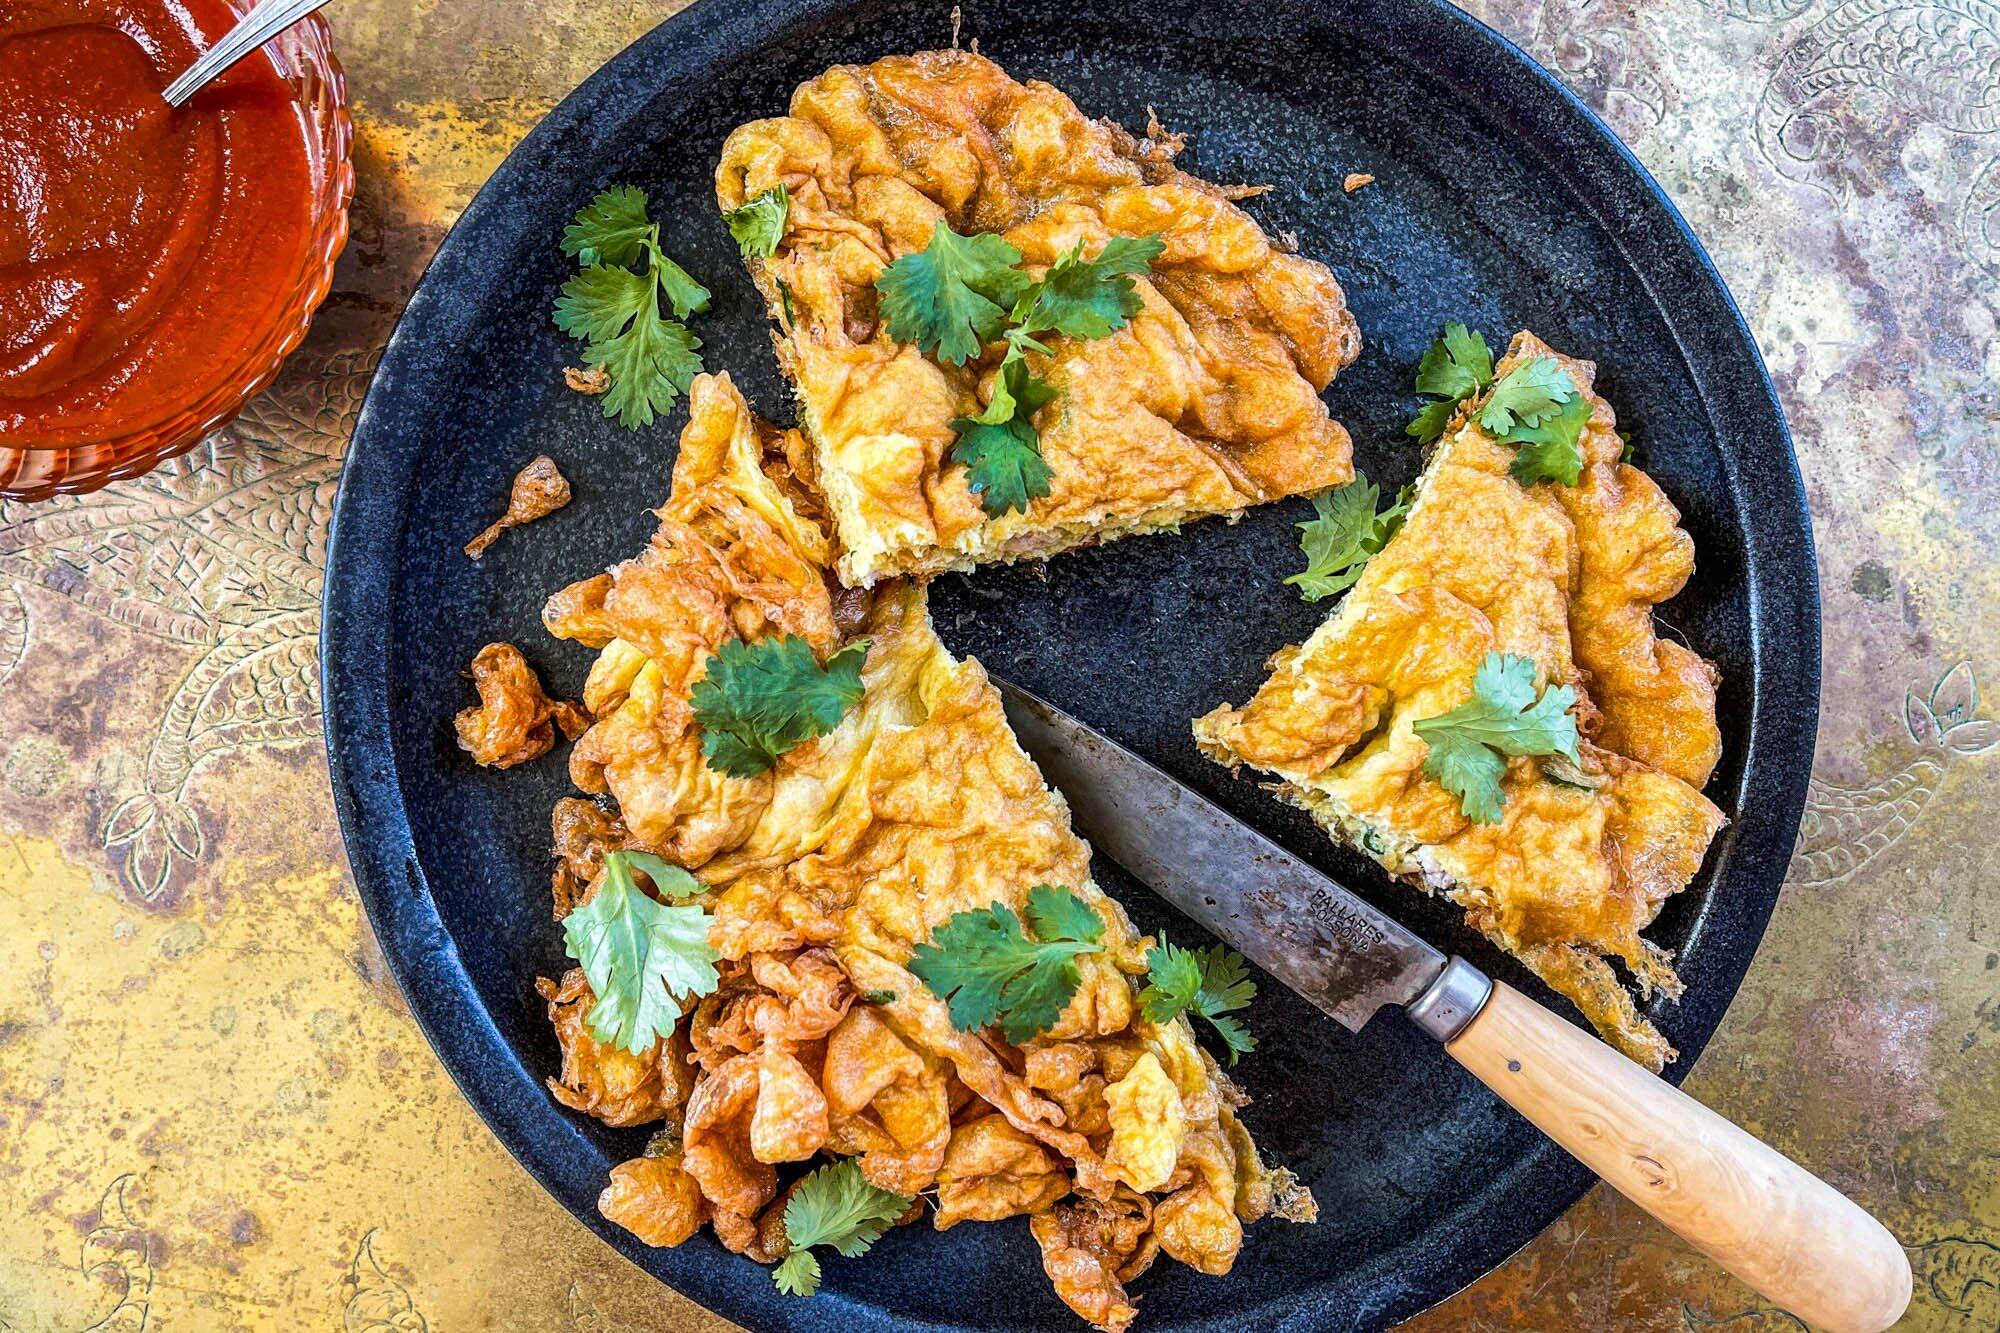 Kai jeow moo sab là món trứng chiên giòn kiểu Thái, nhân thịt heo hoặc gà. Đây là một món ăn đường phố quen thuộc của xứ sở chùa vàng. Ảnh: Pinterest